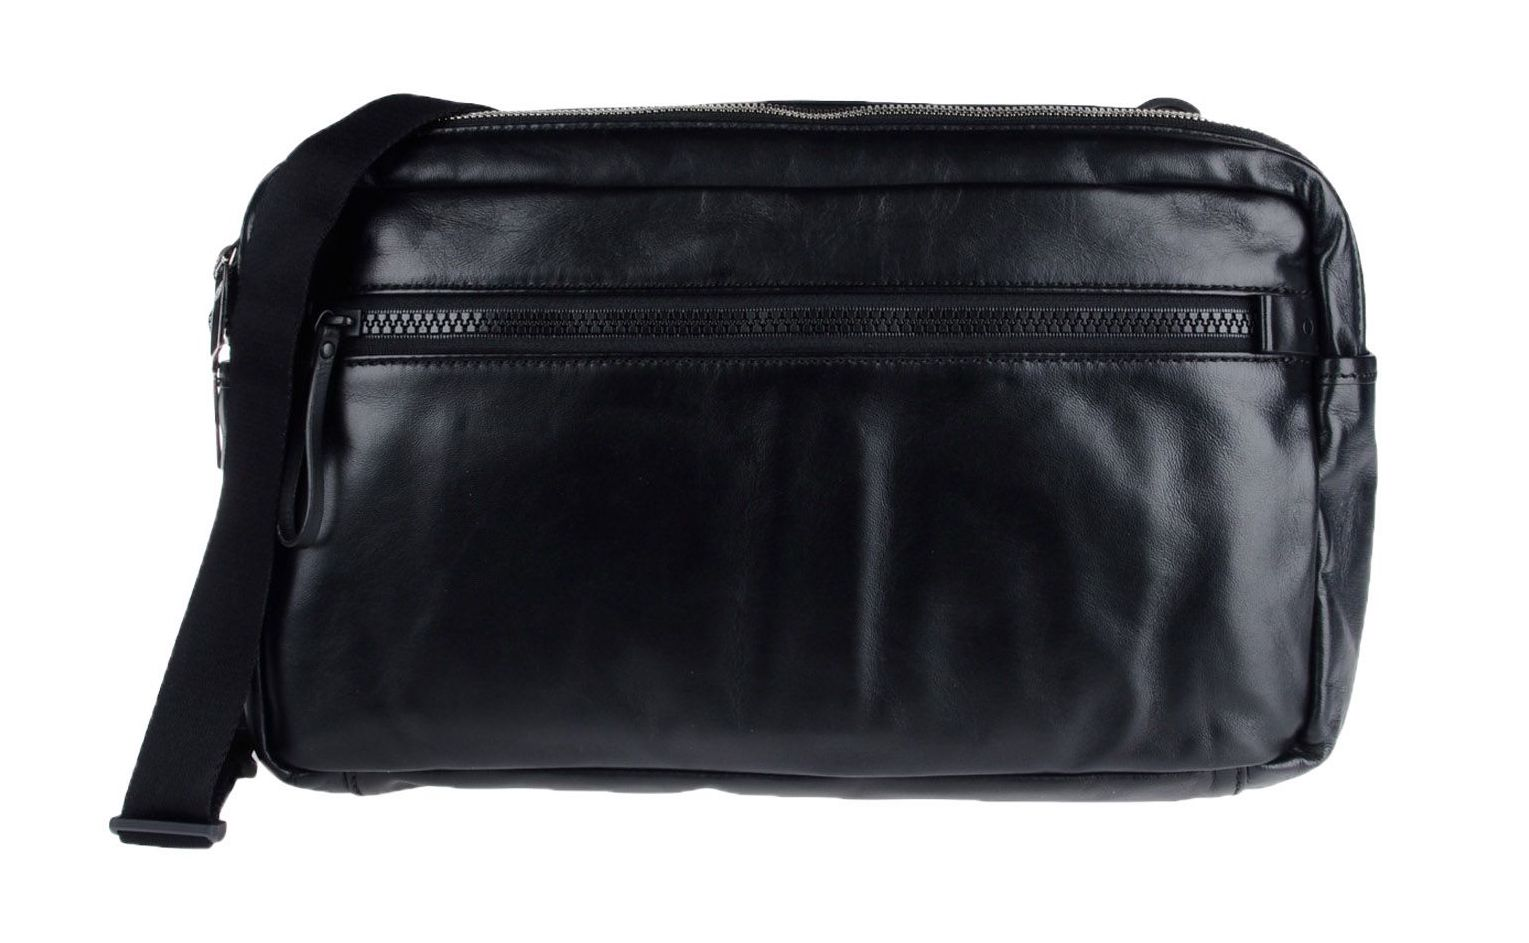 Waist Bag/Fanny Pack by Alexander Mcqueen